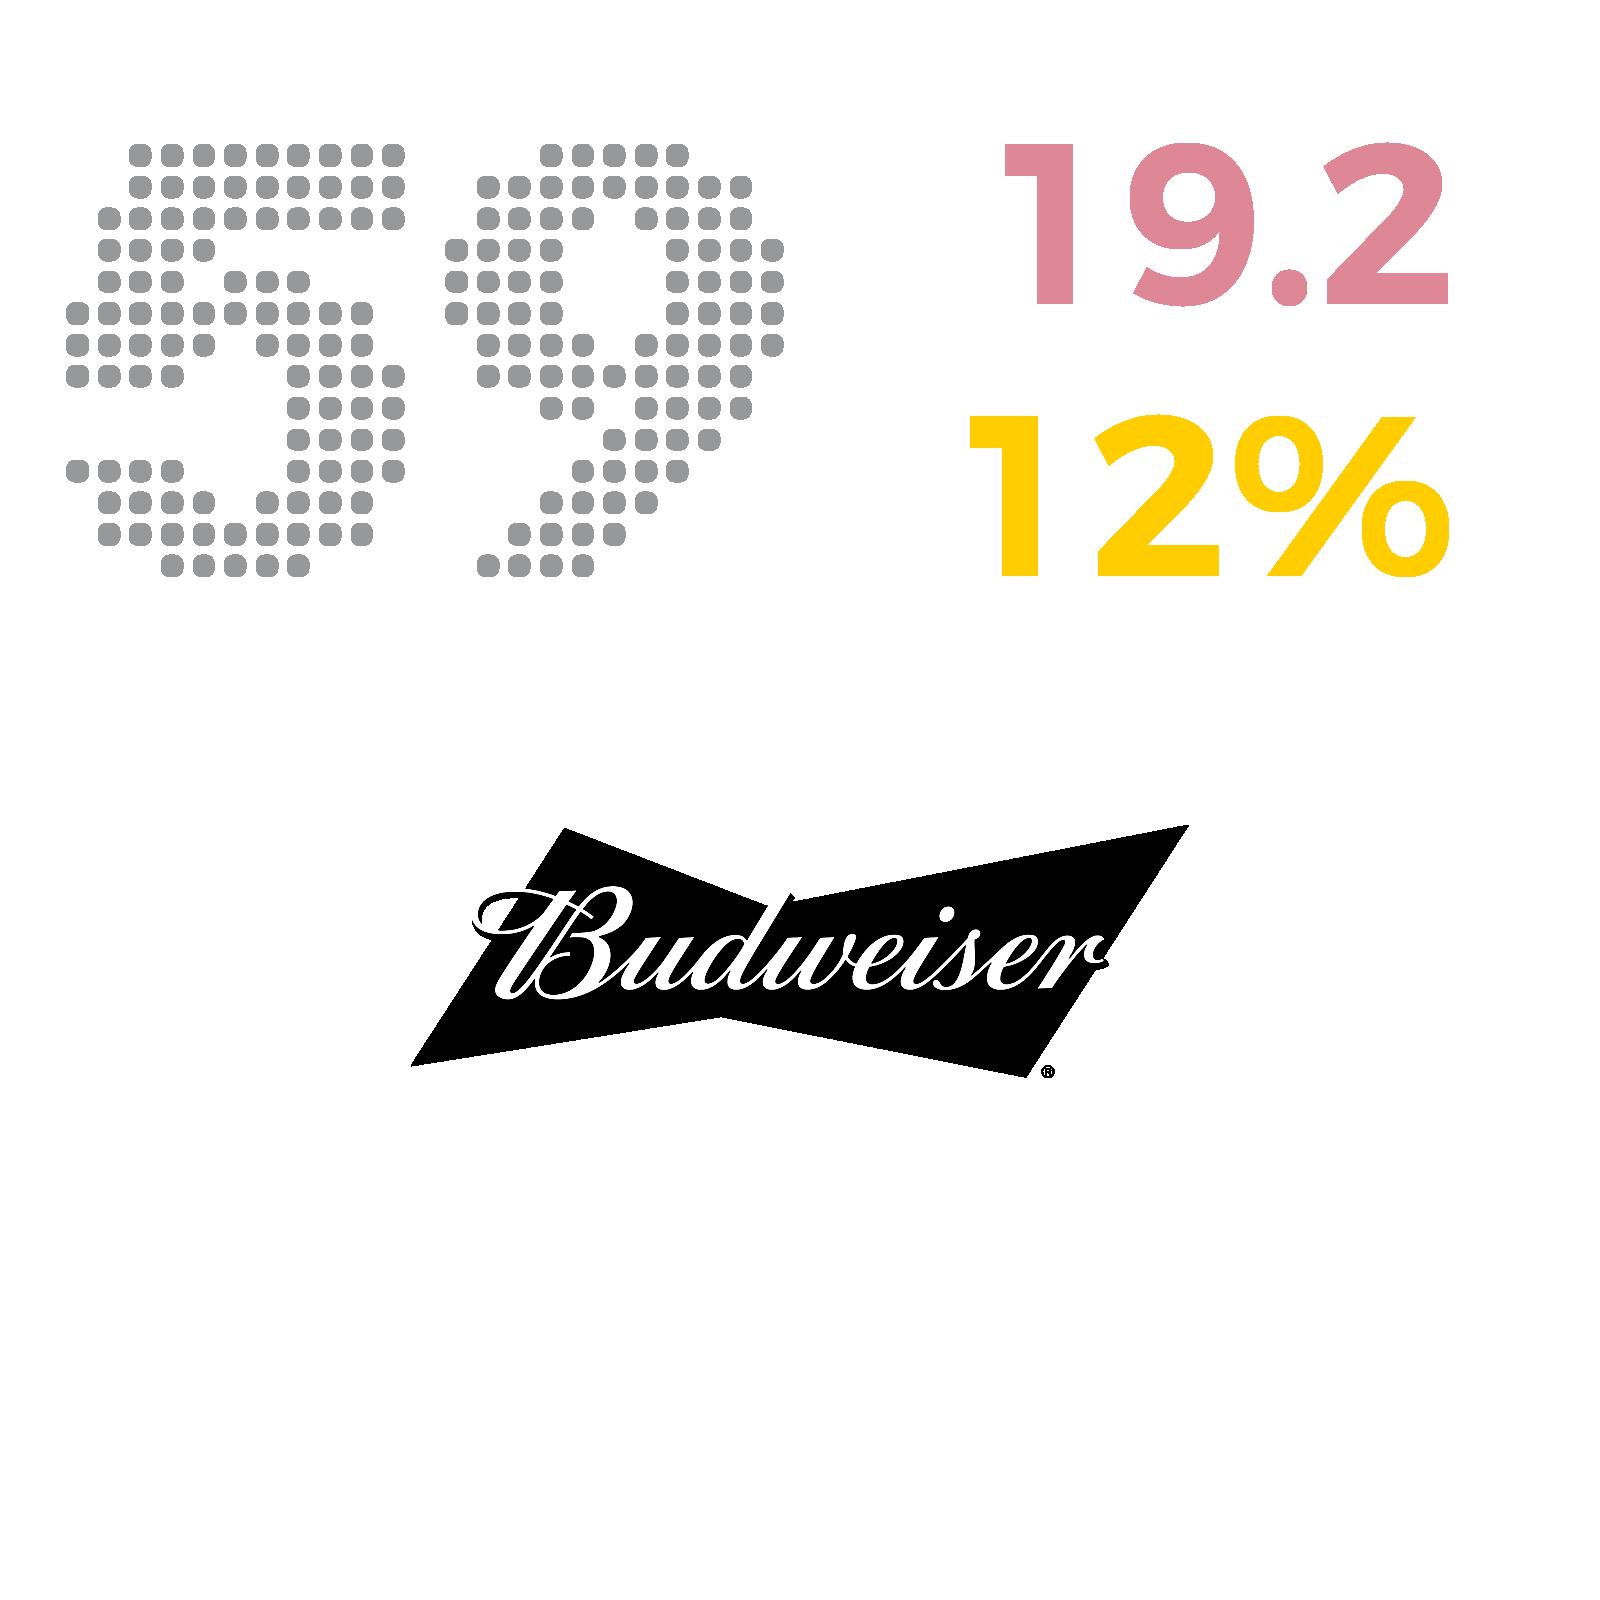 59_Budweiser.png